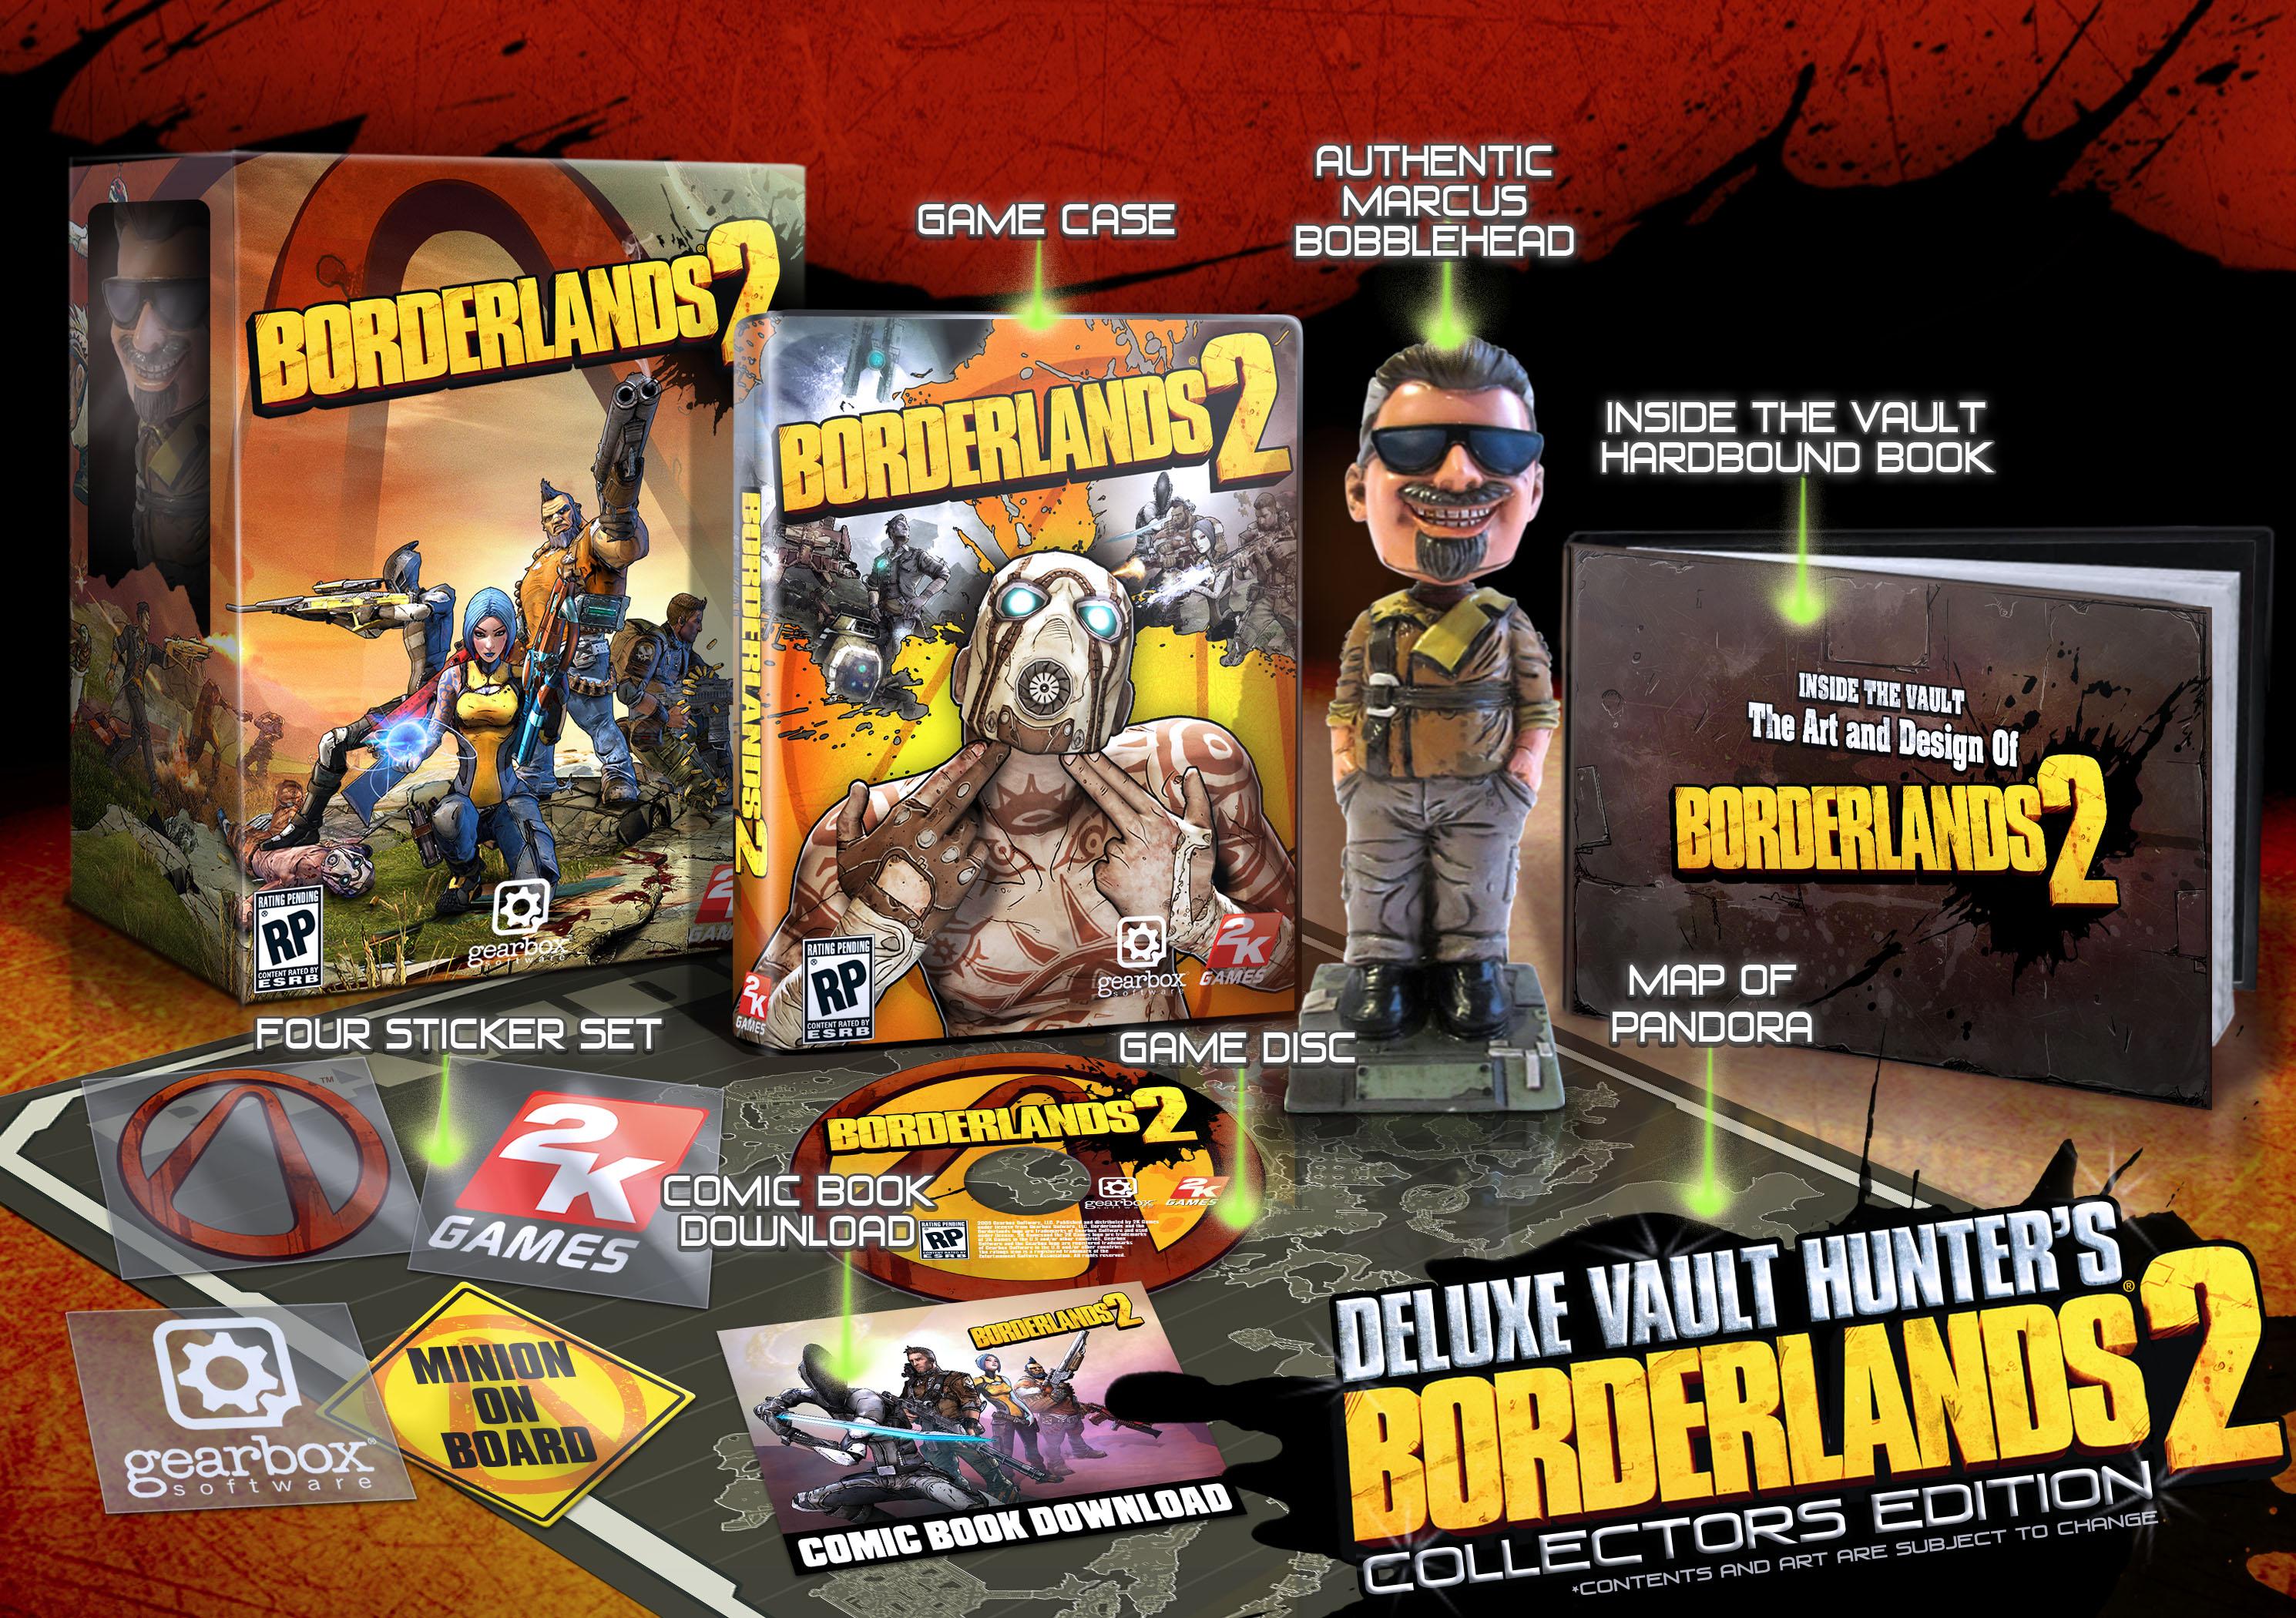 Borderlands 2 (Deluxe Vault Hunter's Collectors Edition)